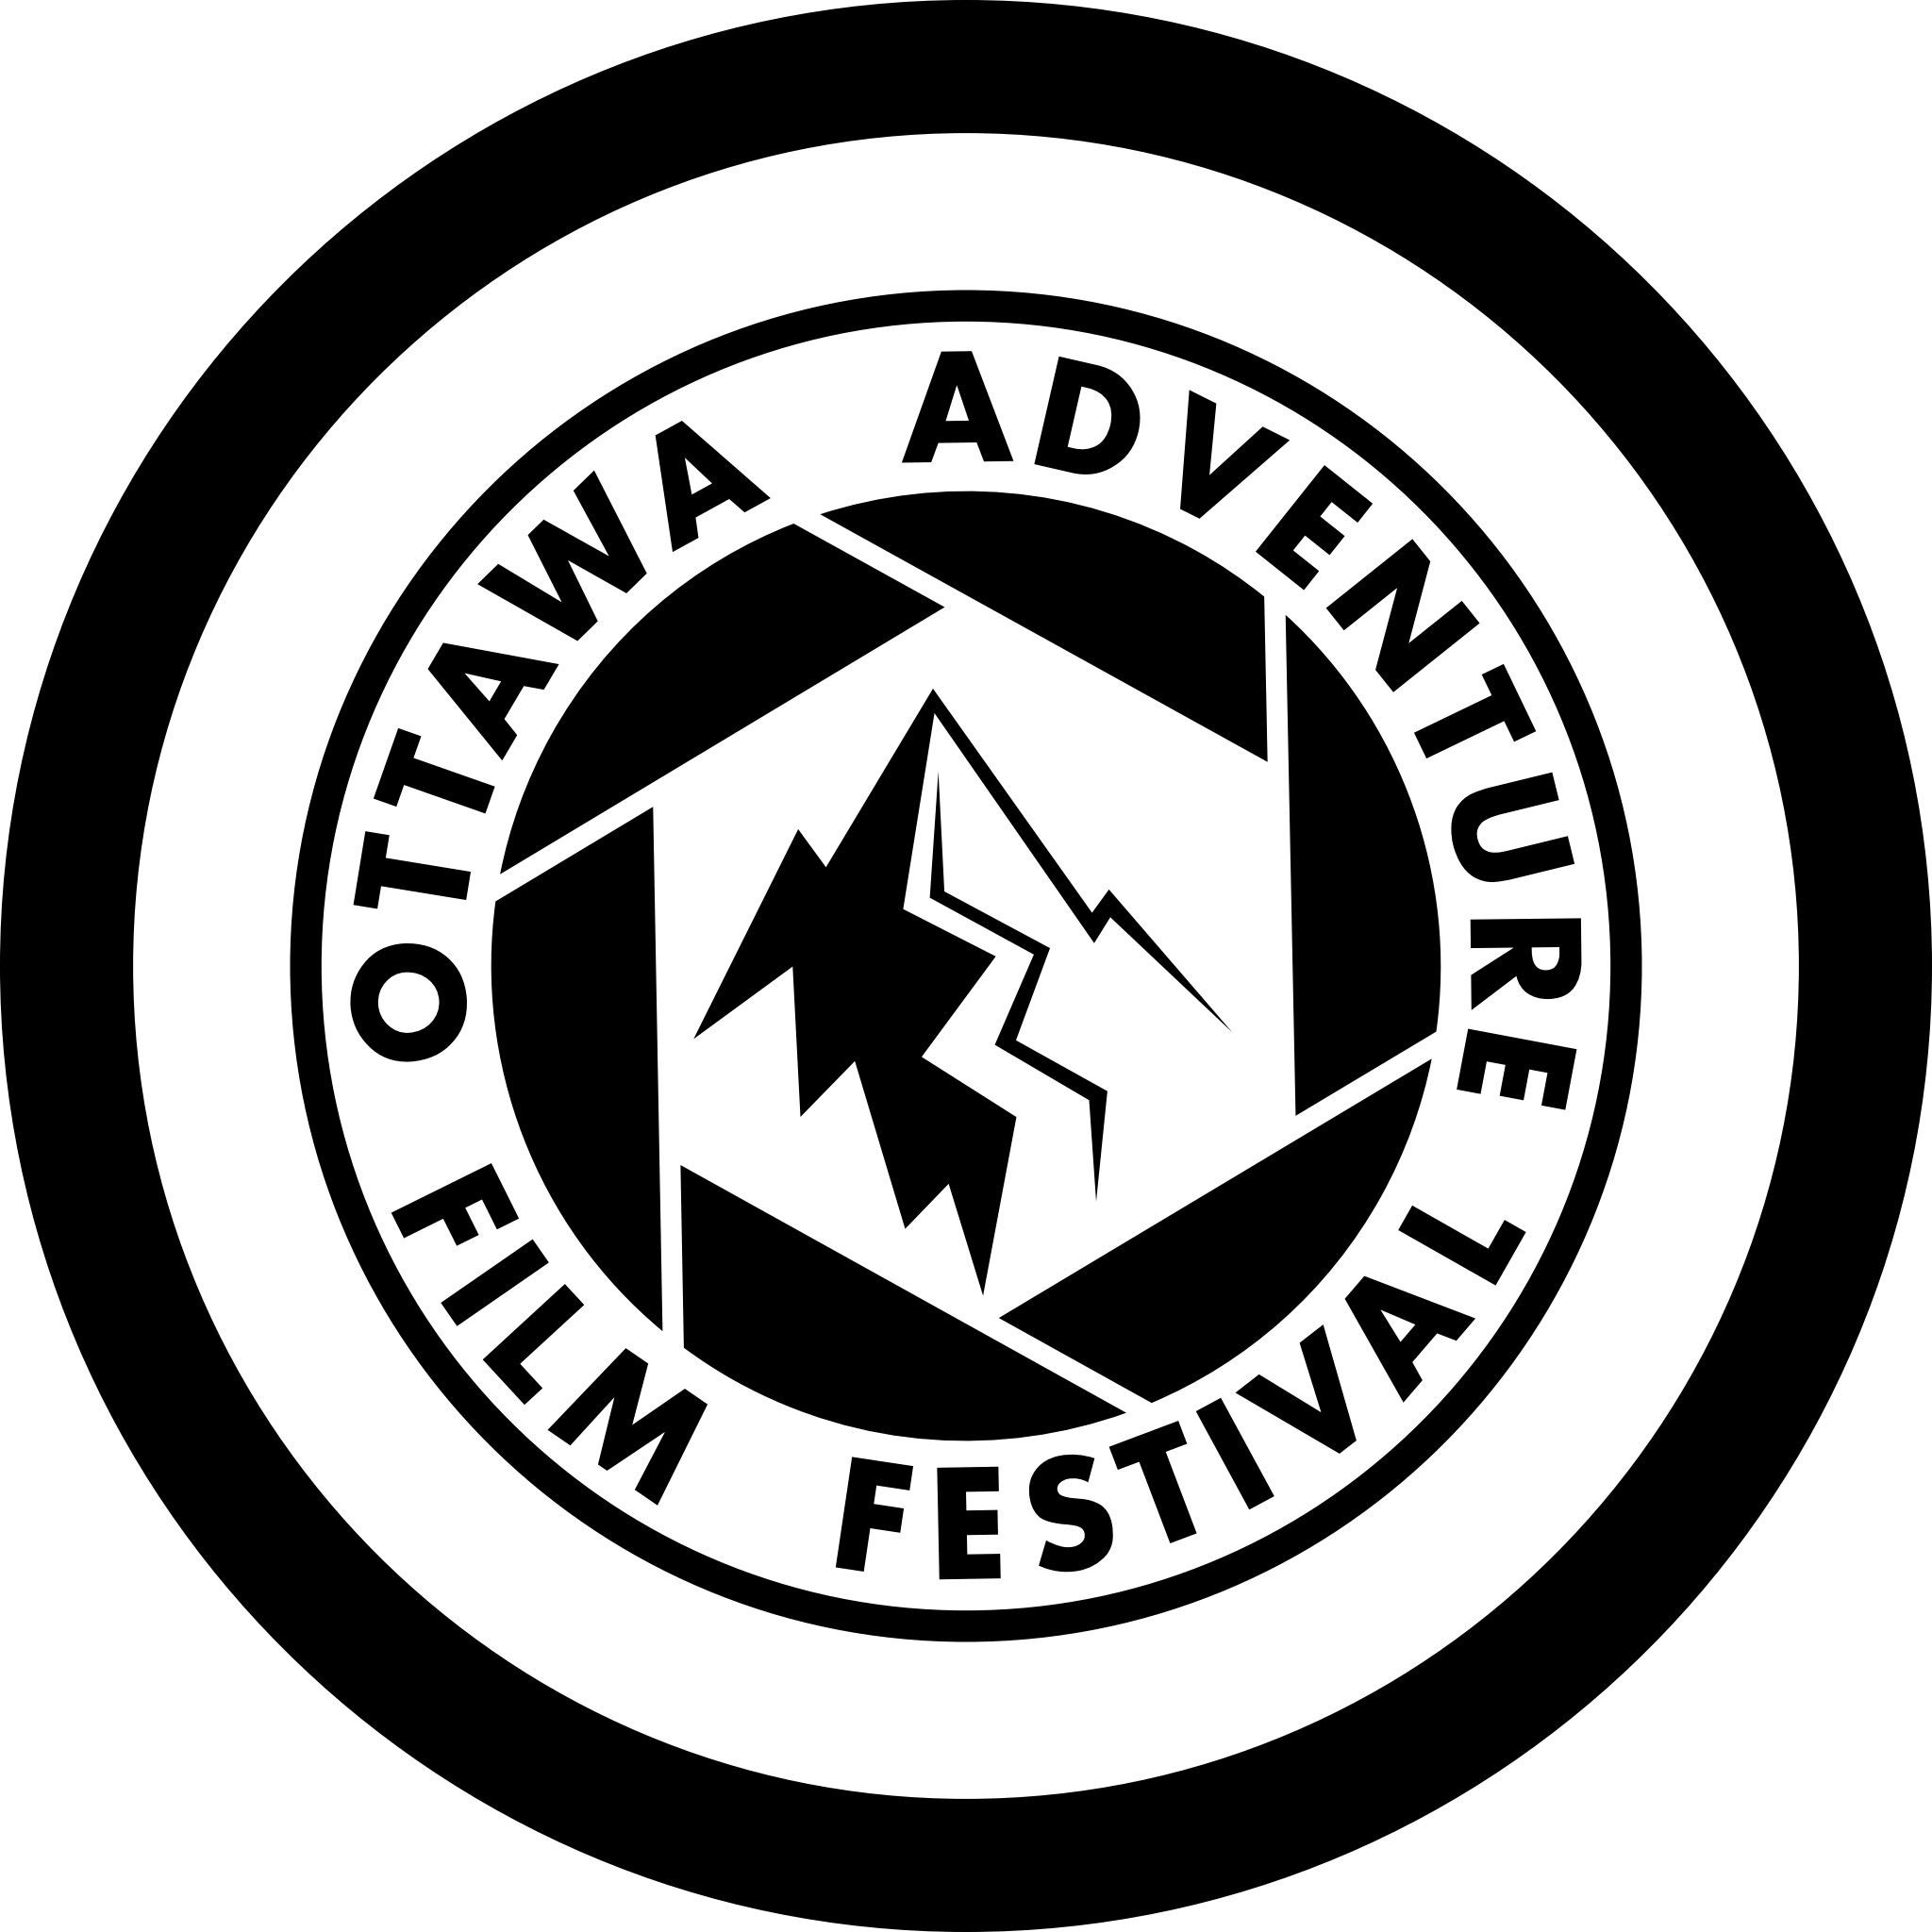 Logo d'OAFF